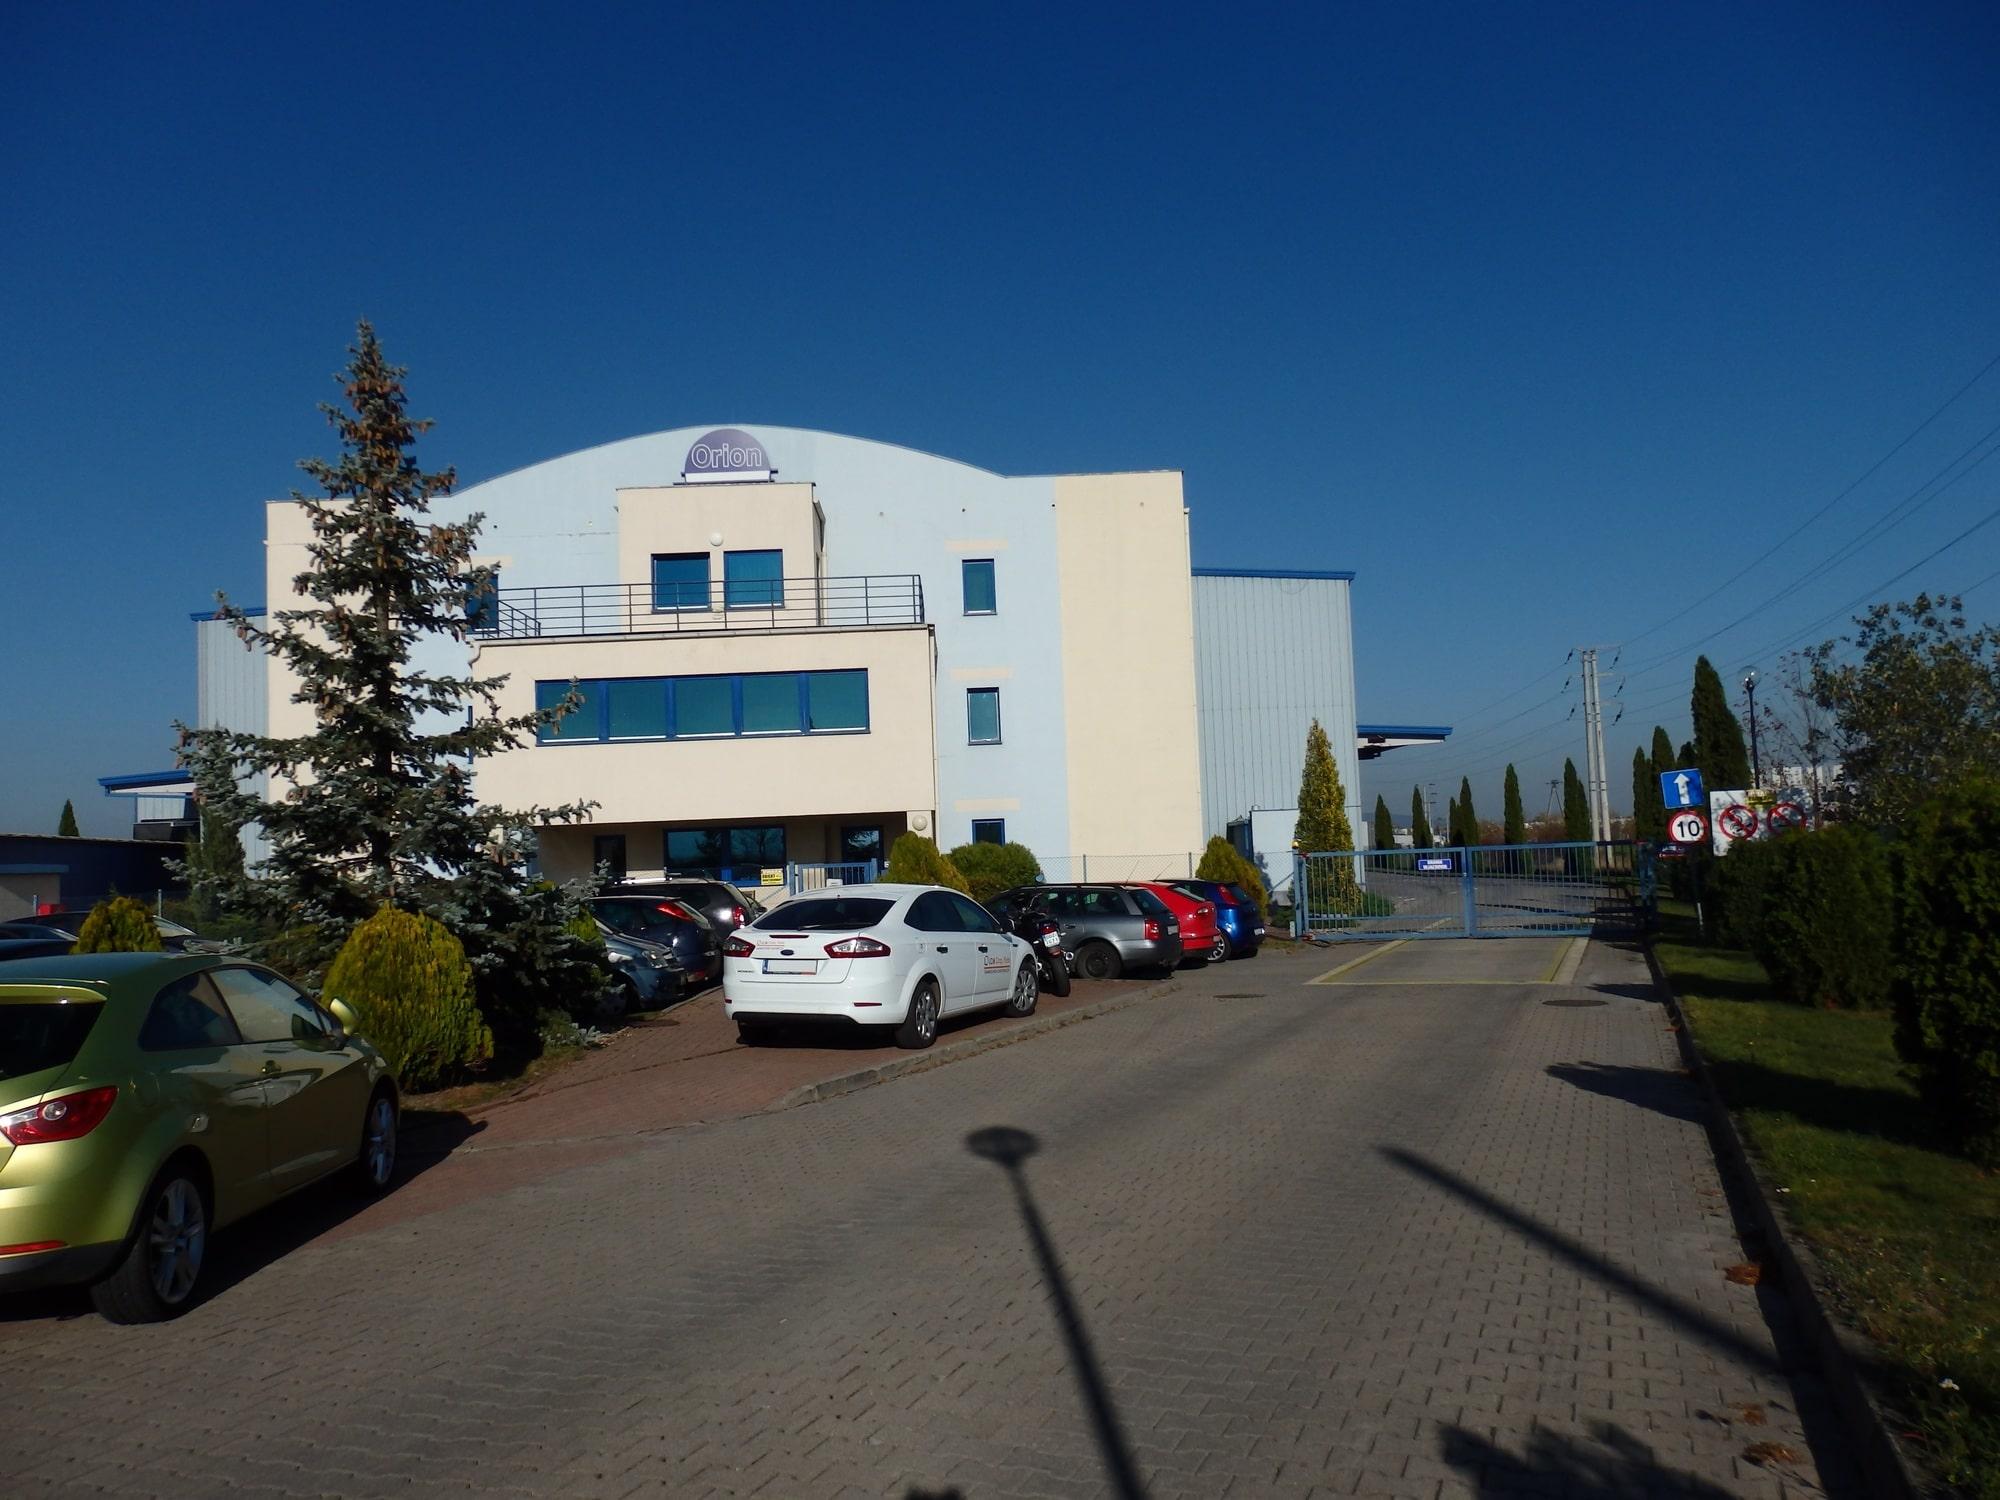 Siedziba Orion PU Sp. z o.o. w Dzierżoniowie